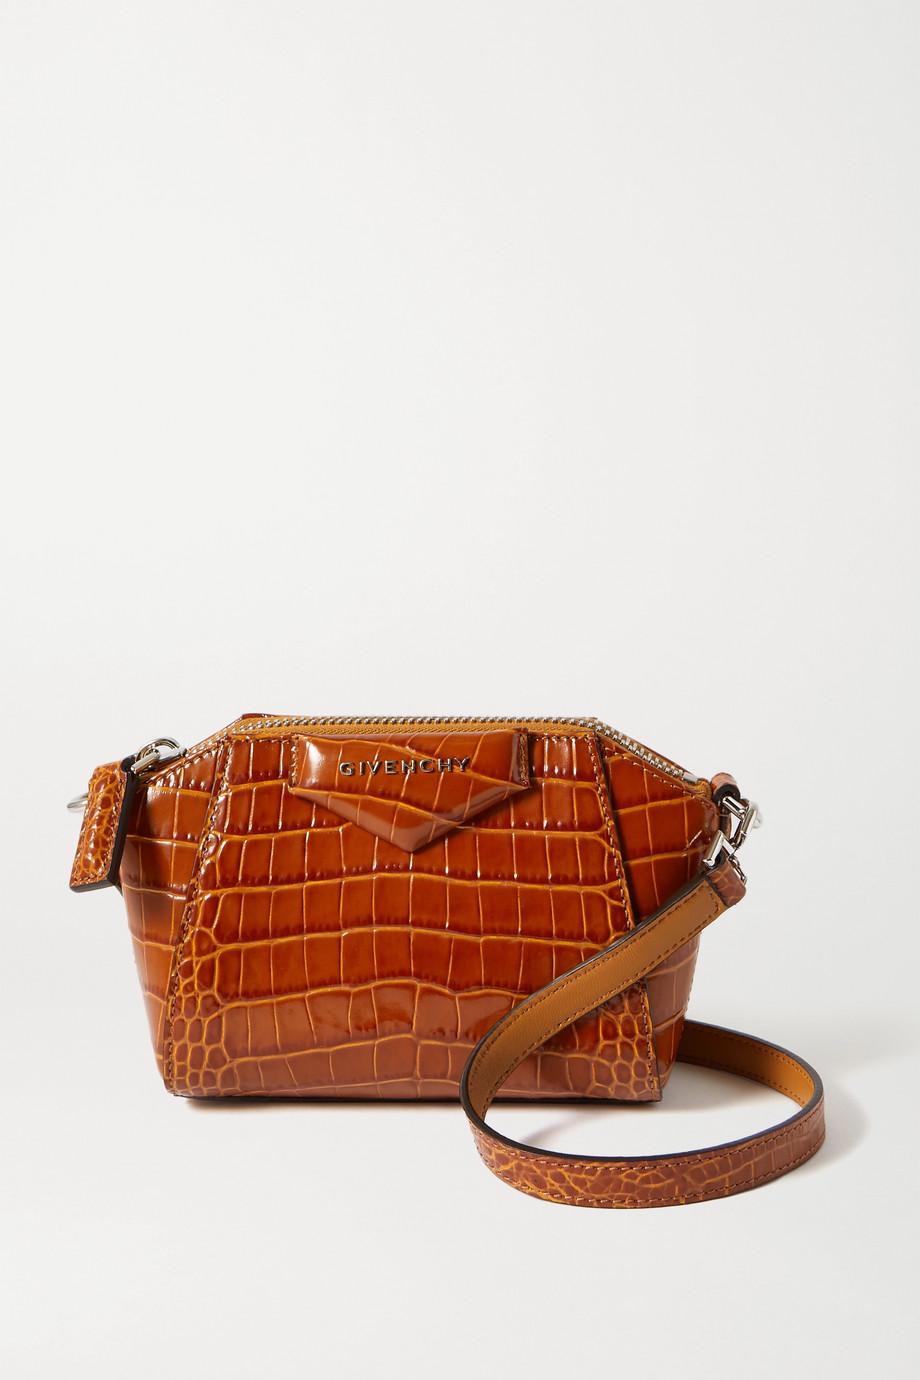 Givenchy Sac porté épaule en cuir effet croco Antigona Nano